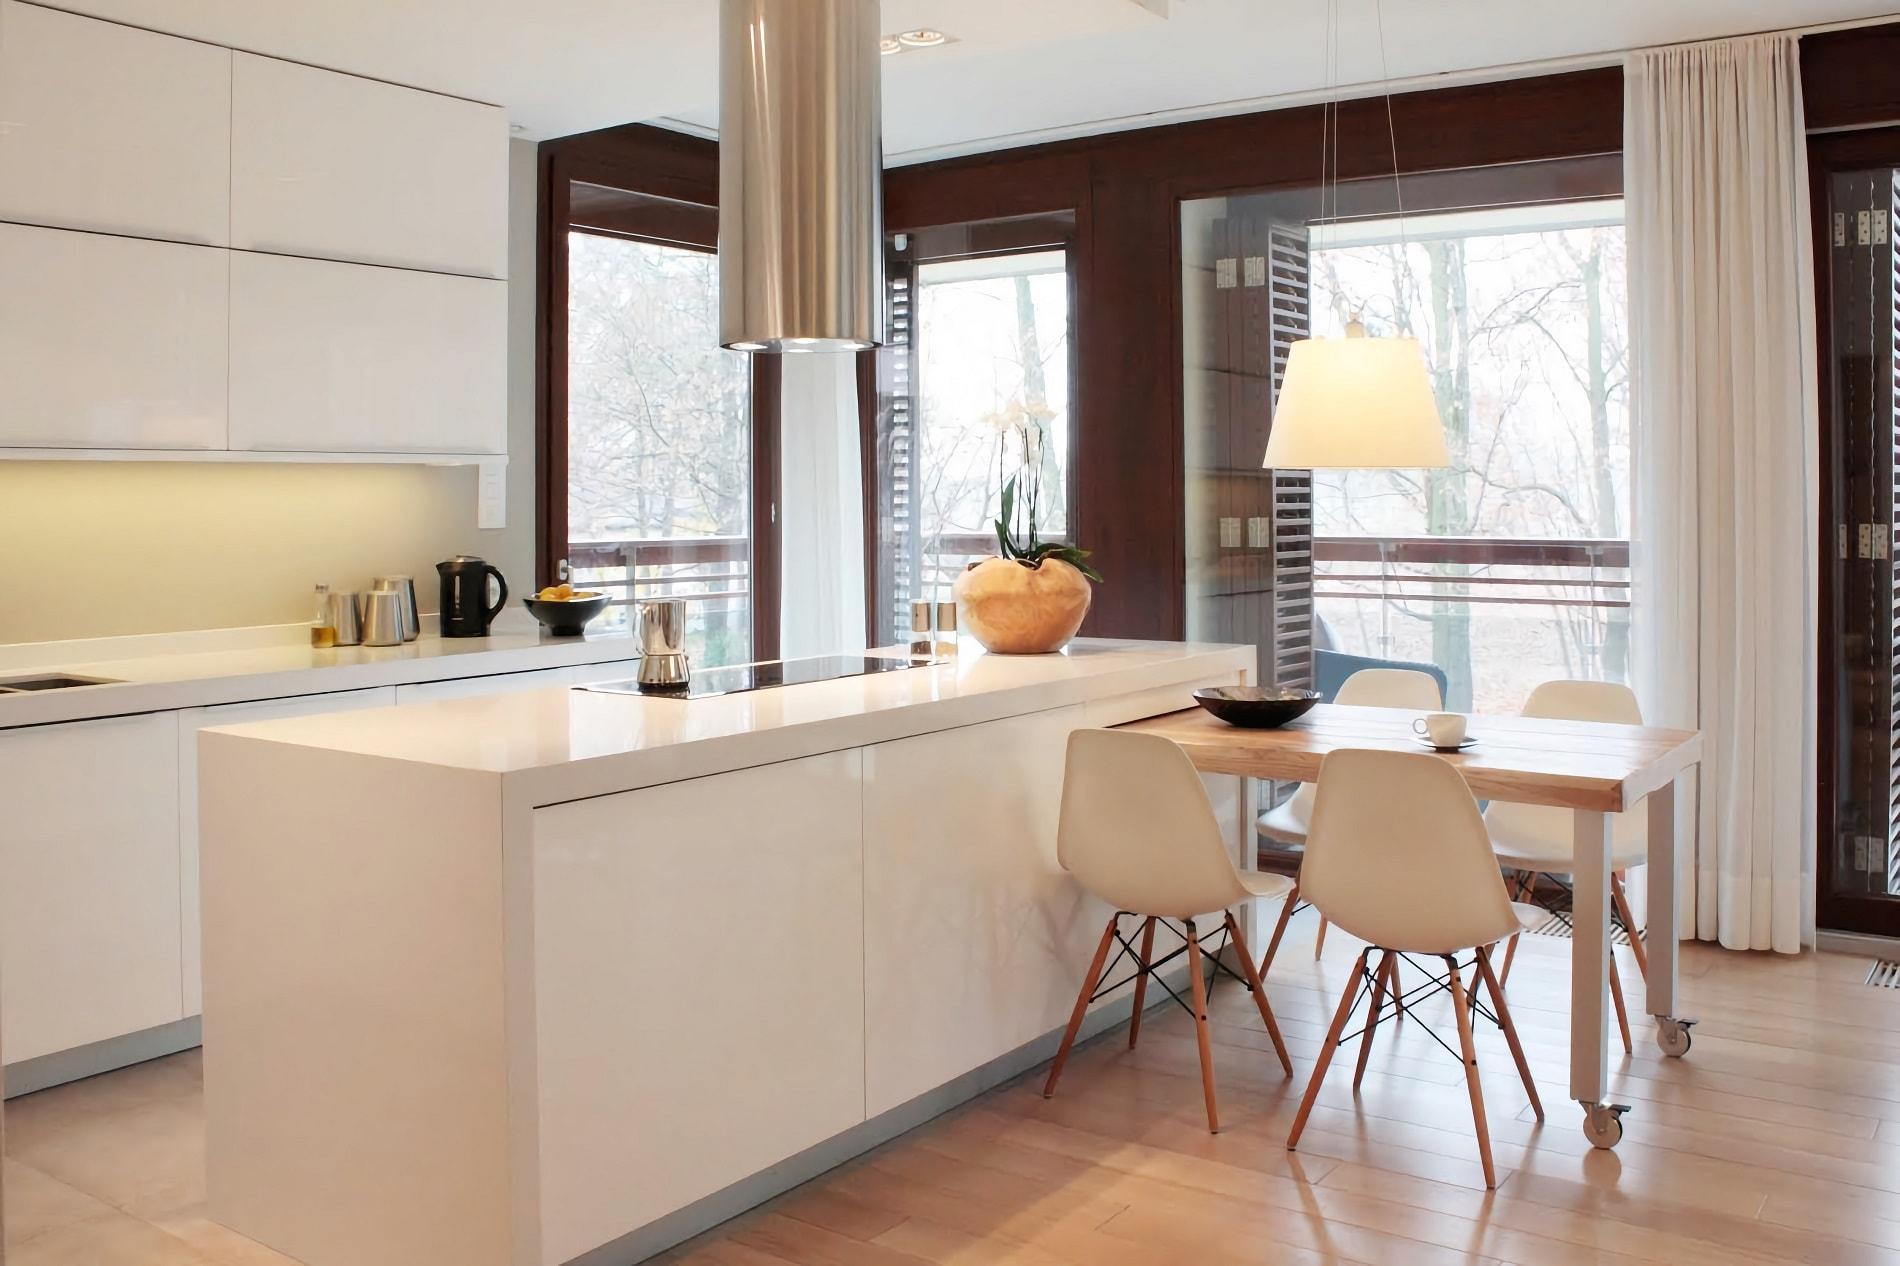 projekt architektoniczny wnętrza Apartament we Wrocławiu - projektowanie wnętrz Prima Wrocław